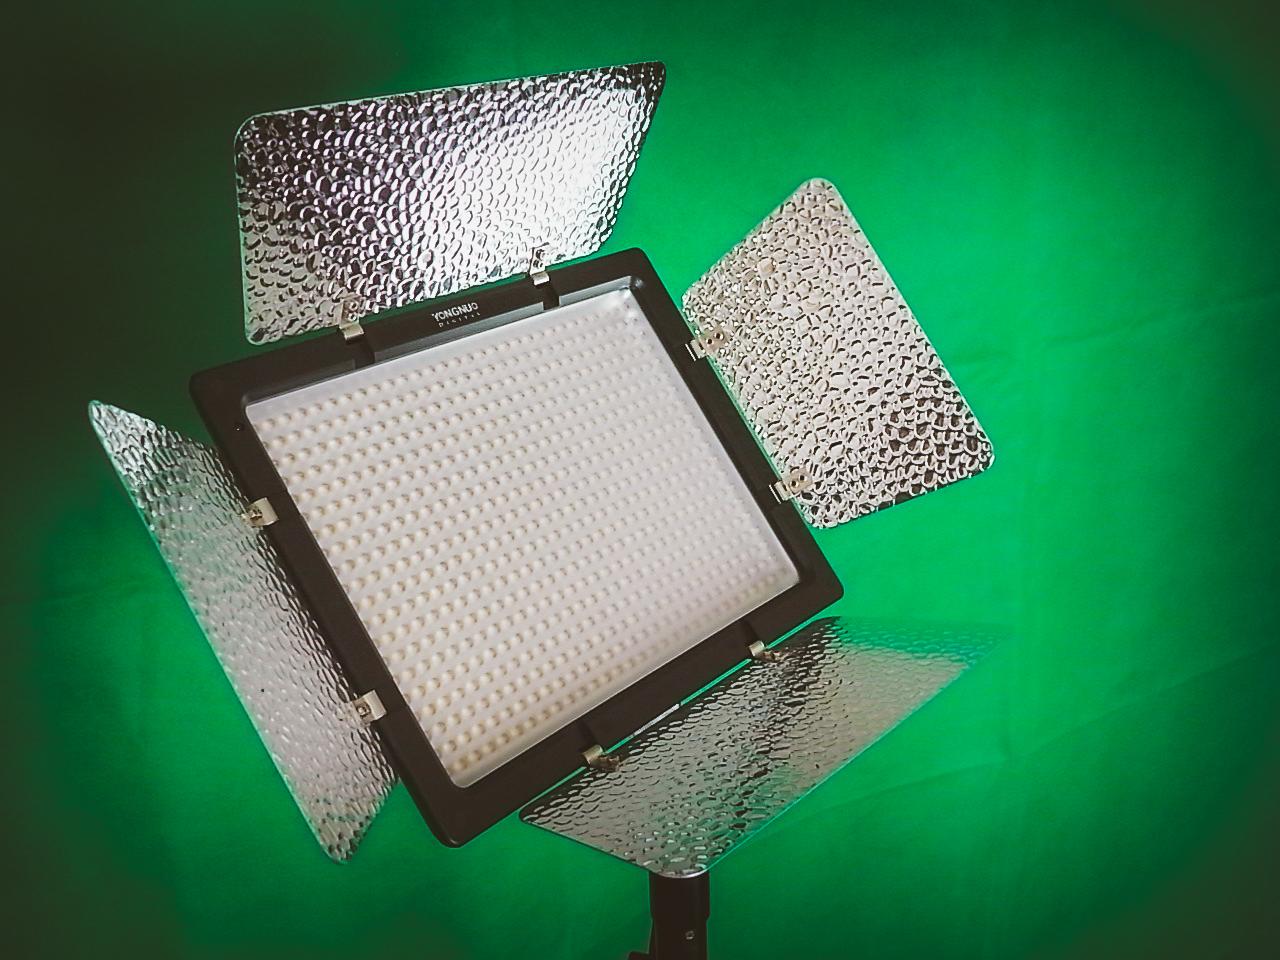 LED照明とグリーンバック紙